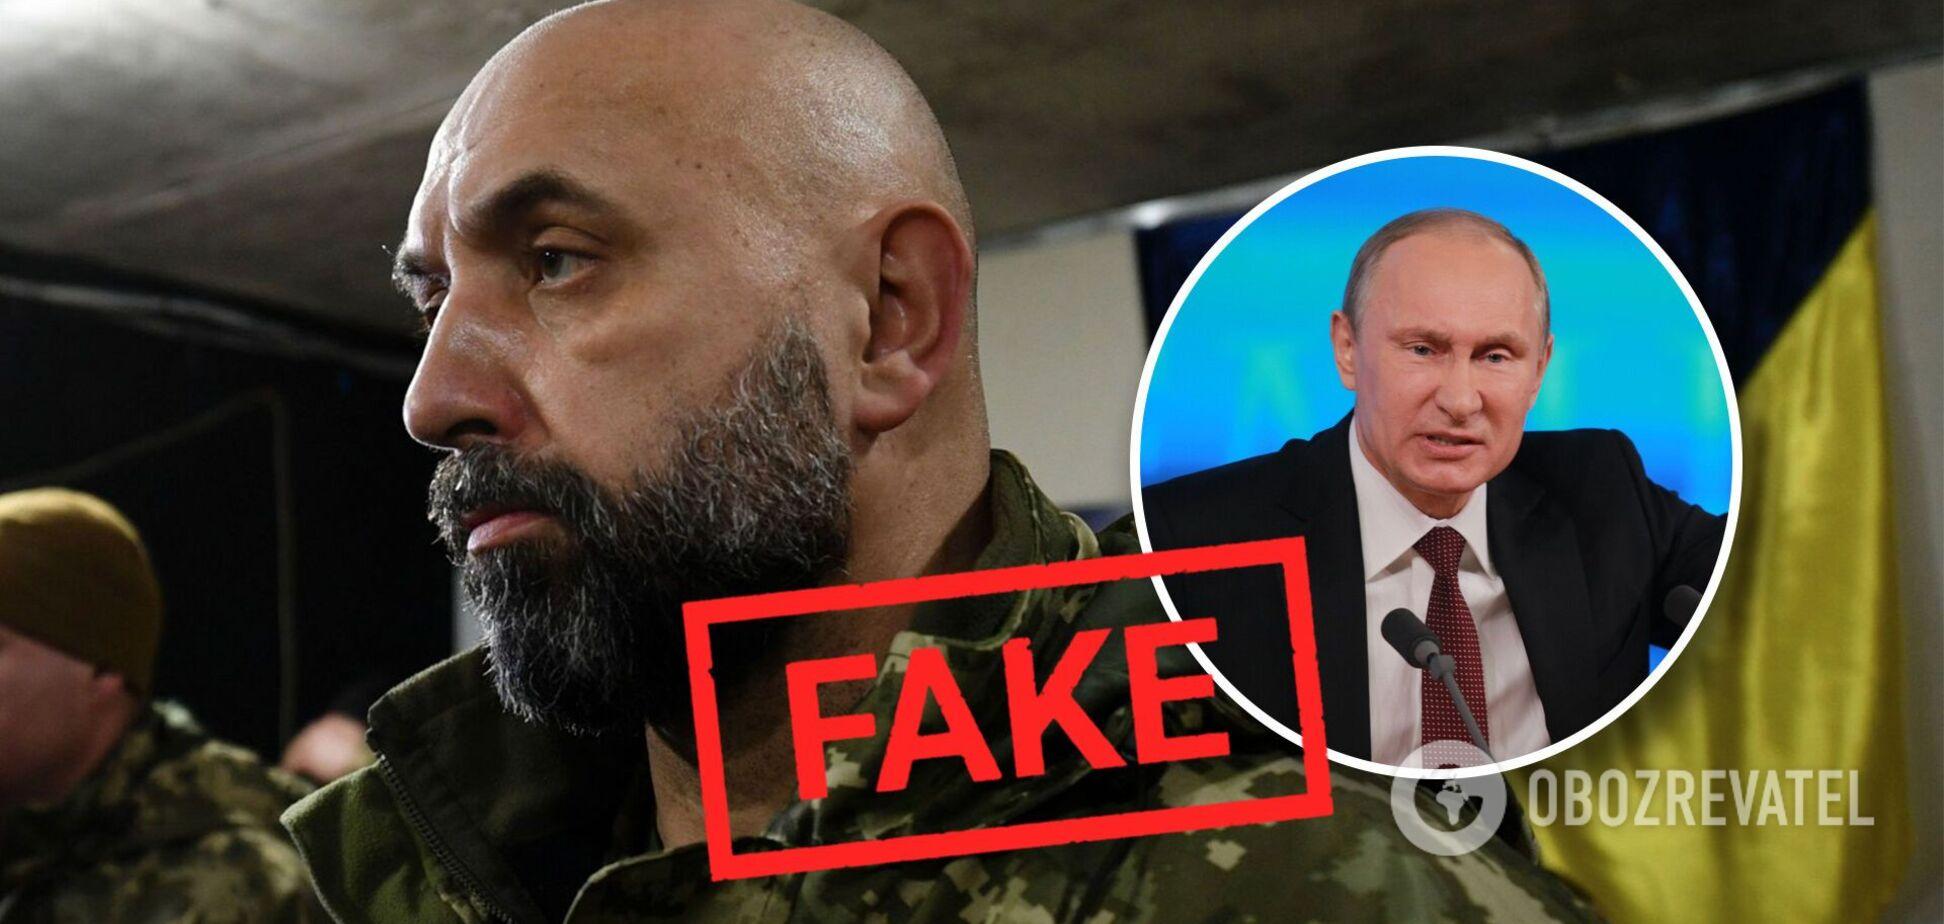 Генерал Кривонос: Путин не пойдет на уступки, это падение его престижа. Интервью